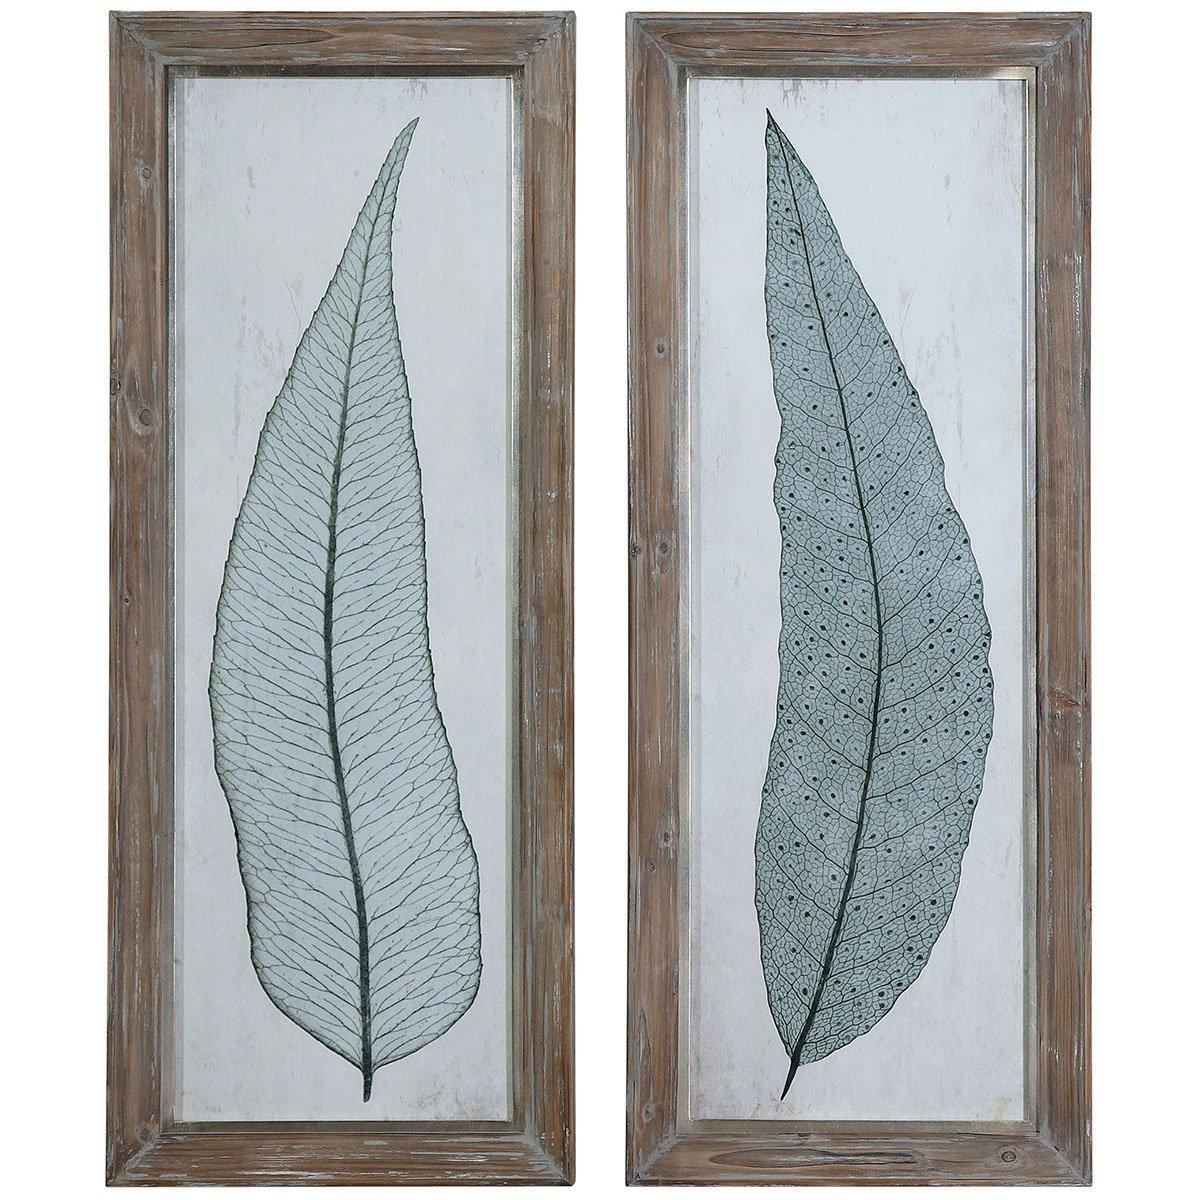 Amazon.com: Uttermost 41514 Tall Leaves Framed Art (Set of 2 ...